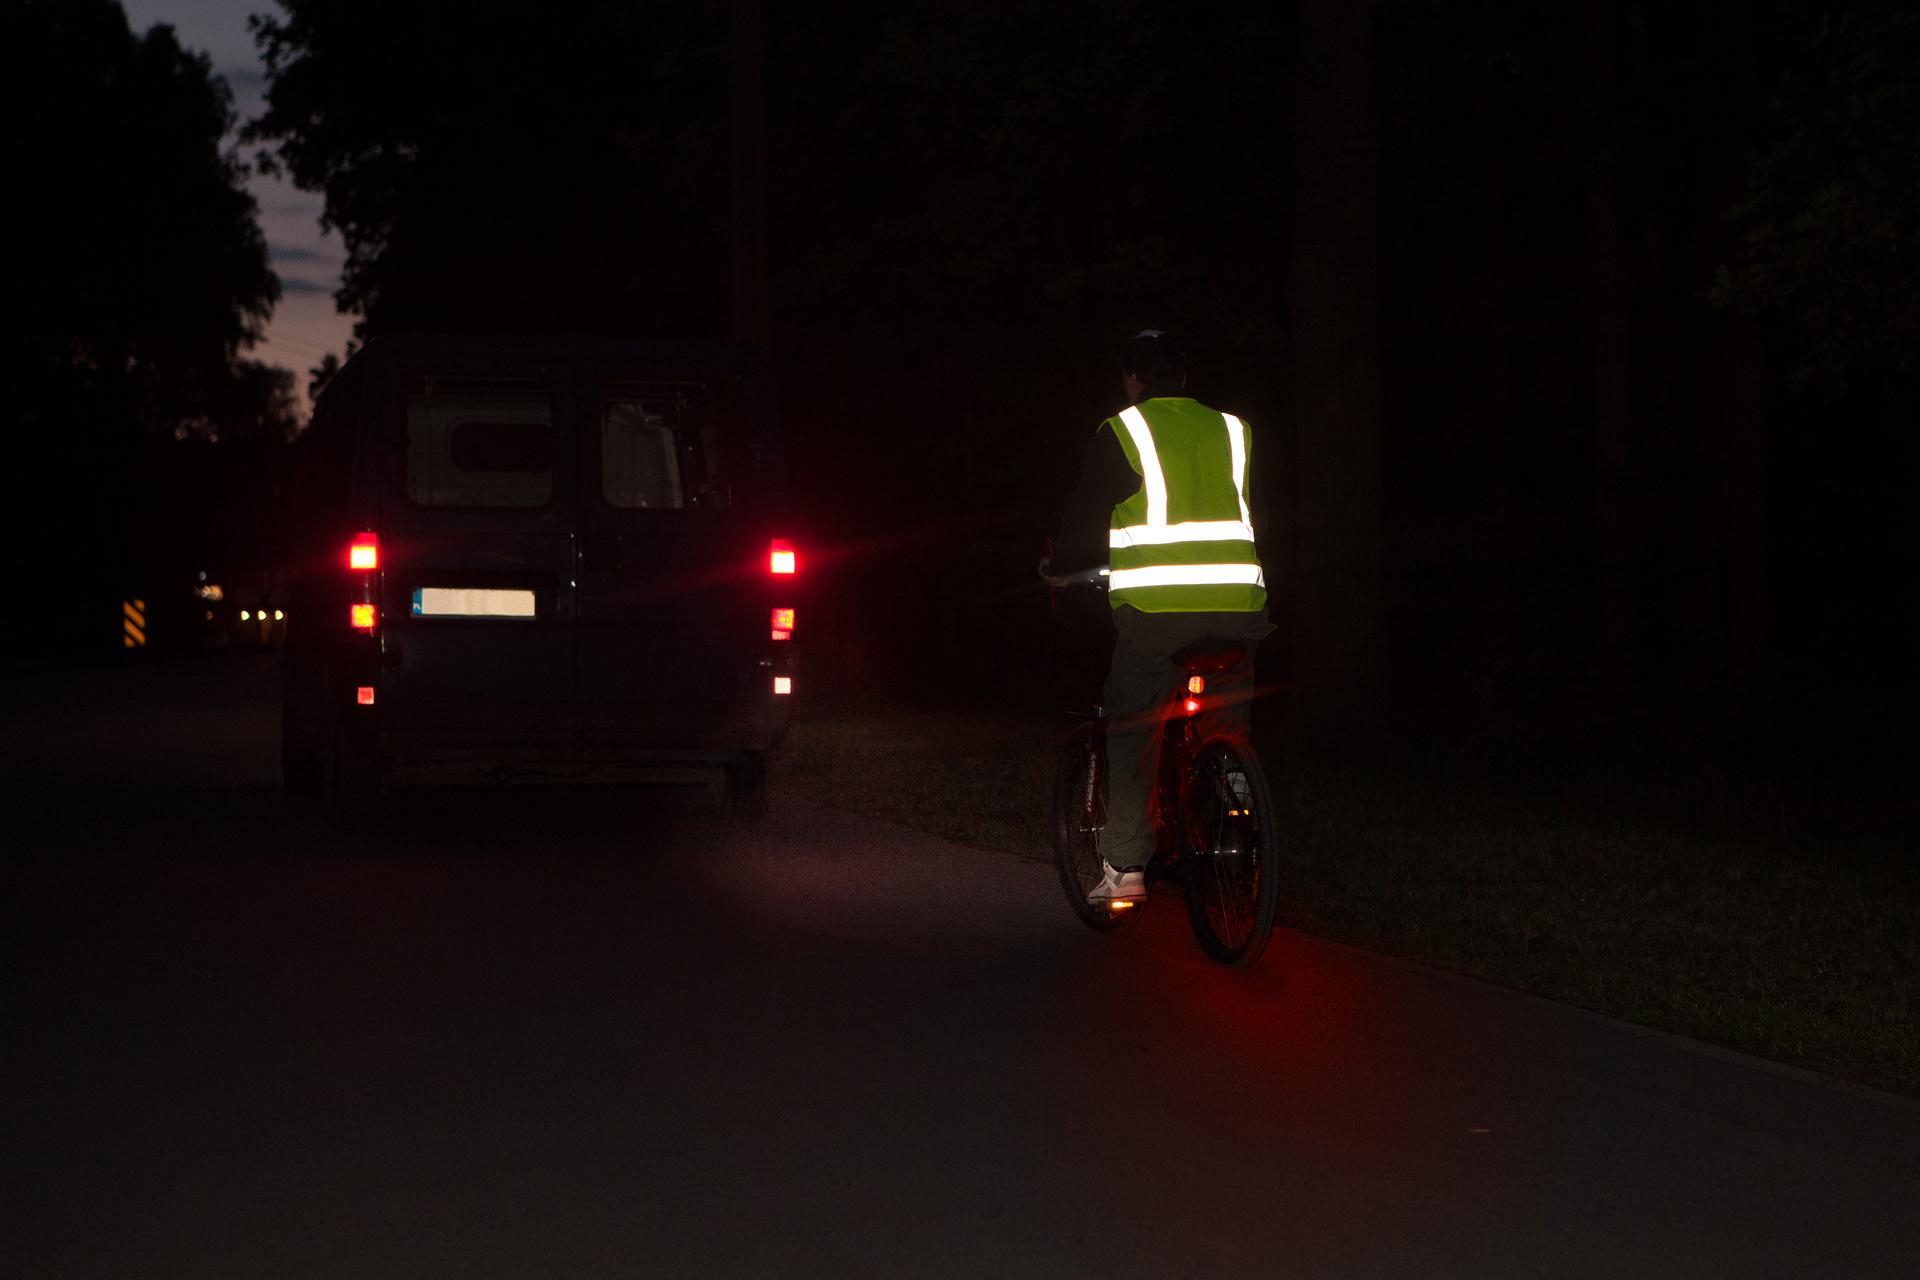 Rowerzysta nocą zelementami odblaskowymi, dobrze widoczny.